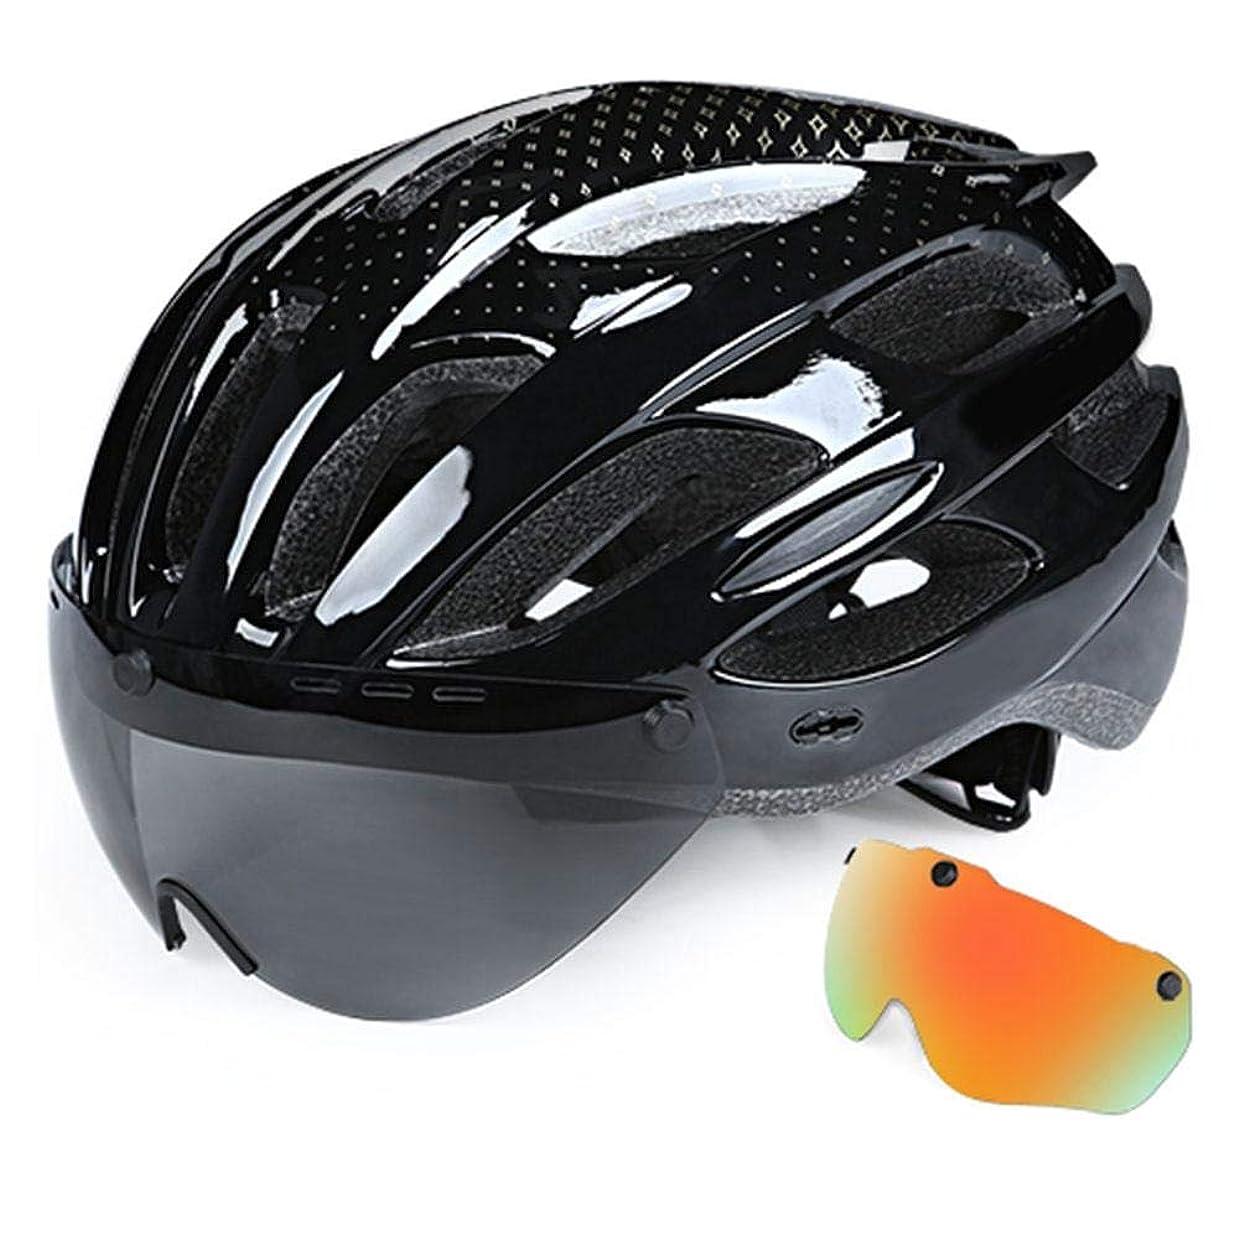 リンス救急車ハウジングヘルメット HCYDD 自転車用ヘルメット男性女性MTBロードバイクヘルメット超軽量一体型サイクリングヘルメットメガネ付き安全キャップ